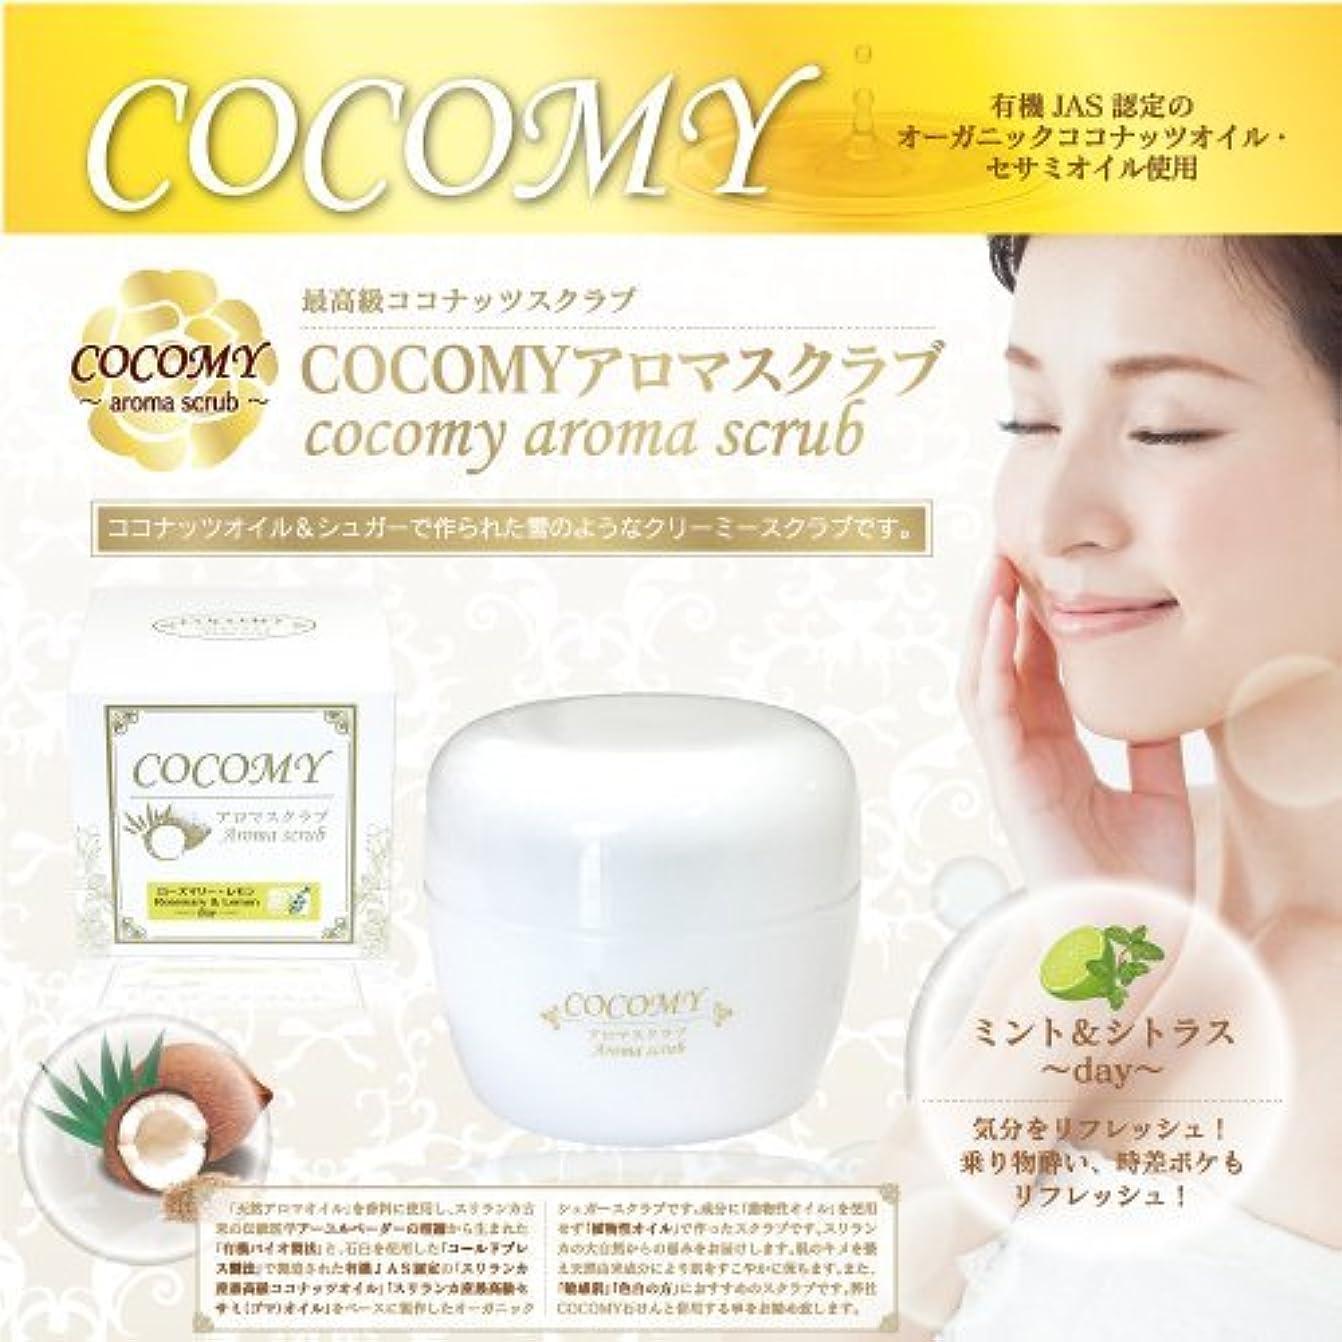 略奪バスルーム資産COCOMY aromaスクラブ (ミント&シトラス) 120g